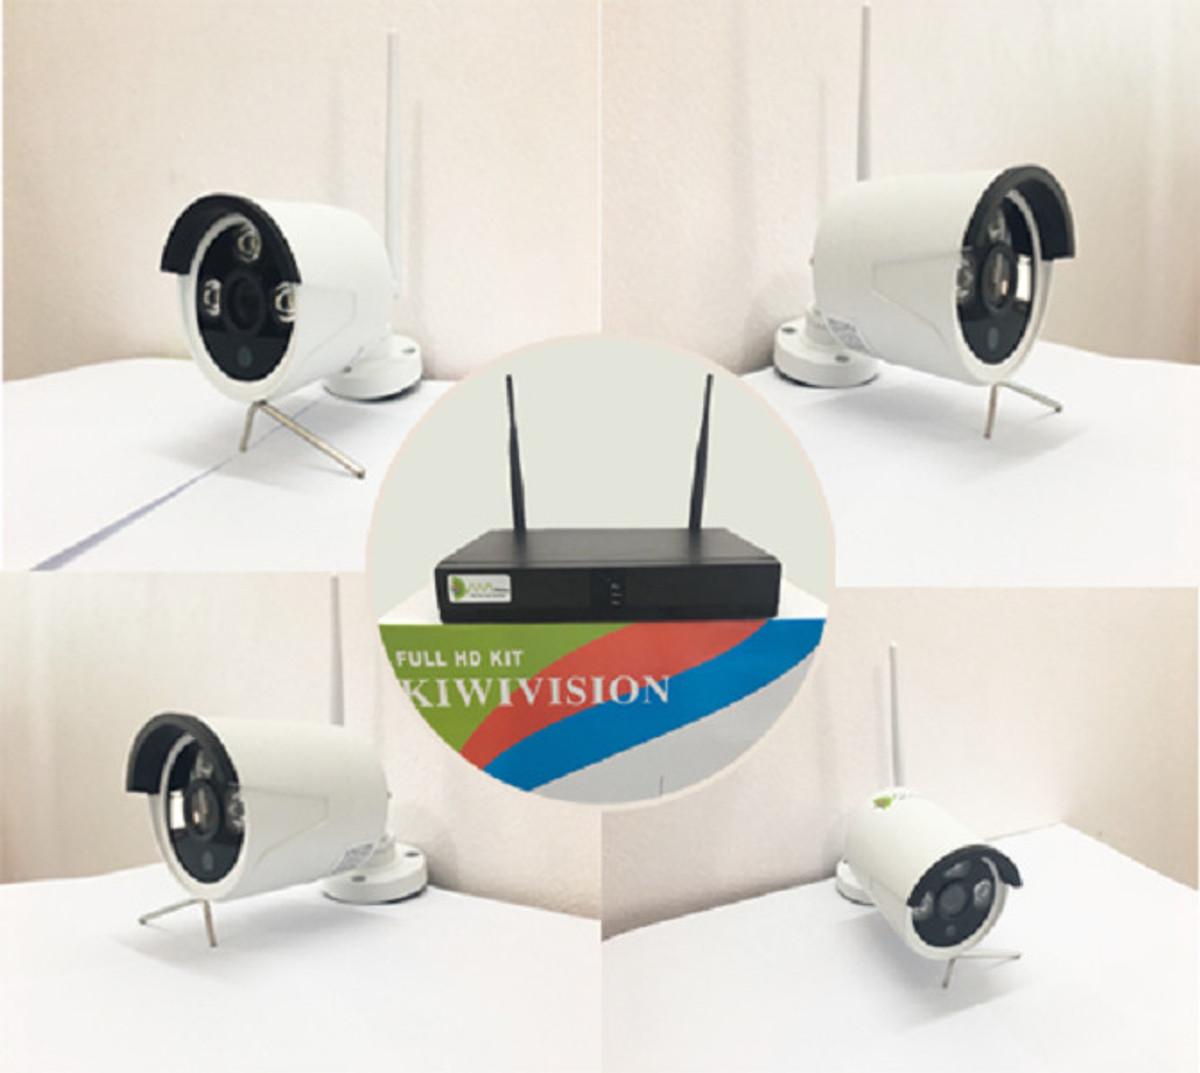 Bộ Camera Wifi NVR4200 Kit 4 mắt1080P_ tặng kèm ổ cứng 500G - Hàng chính hãng